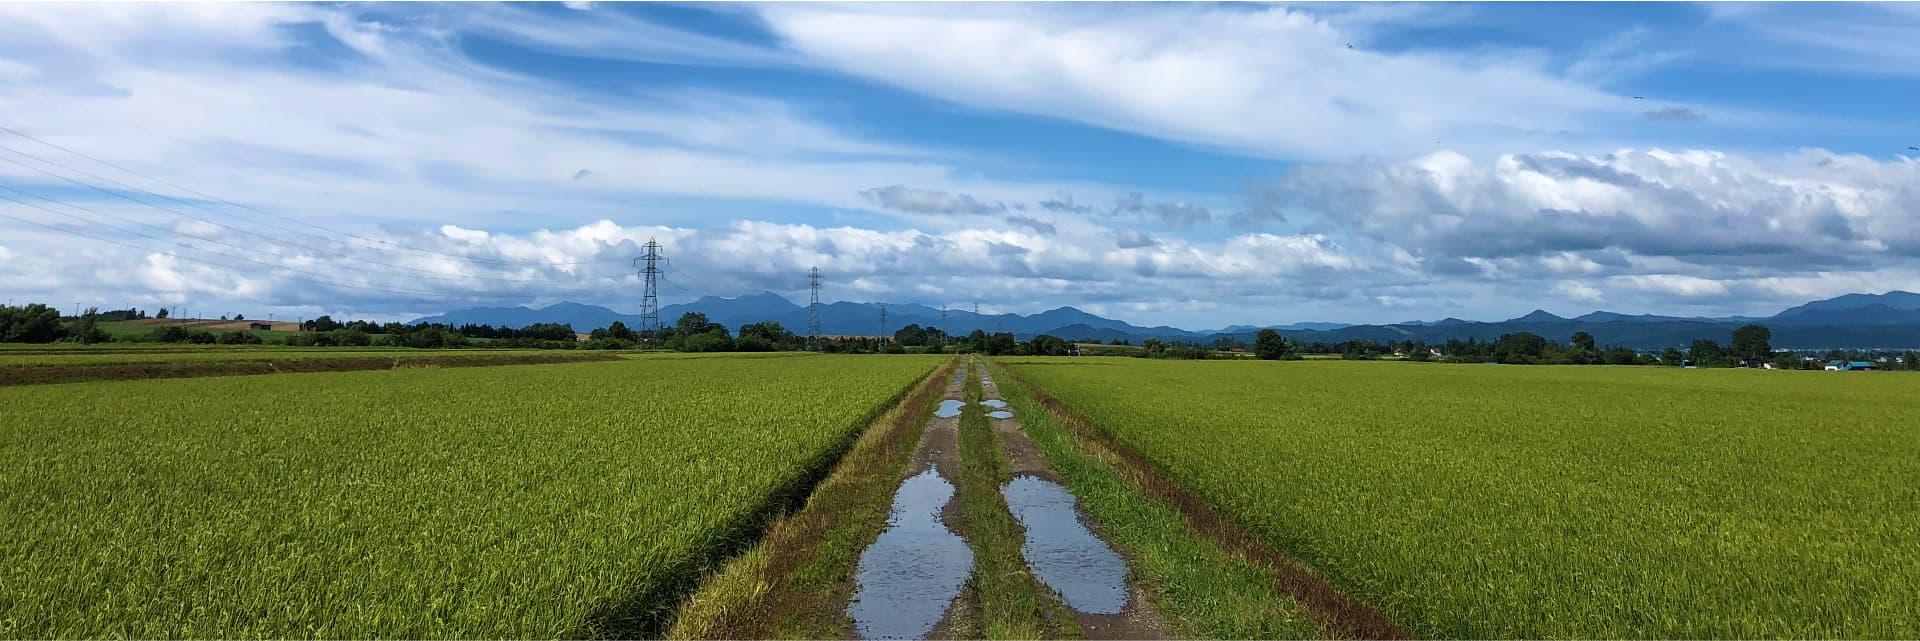 せがわ農園の風景